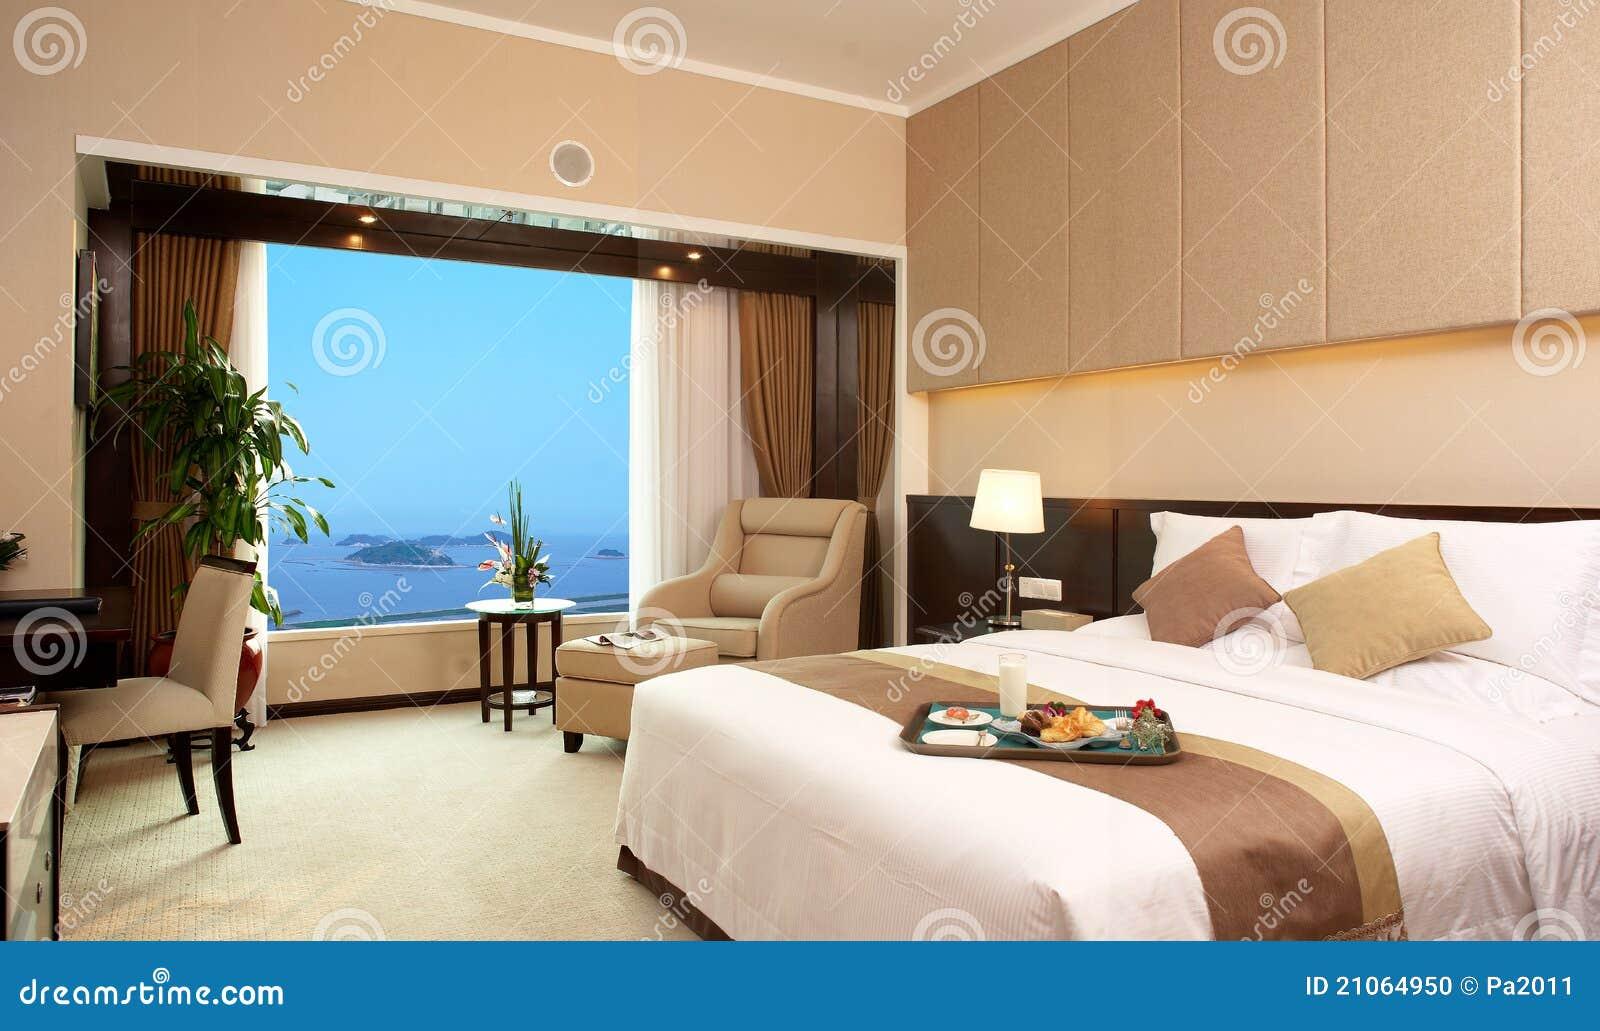 河床旅馆客房